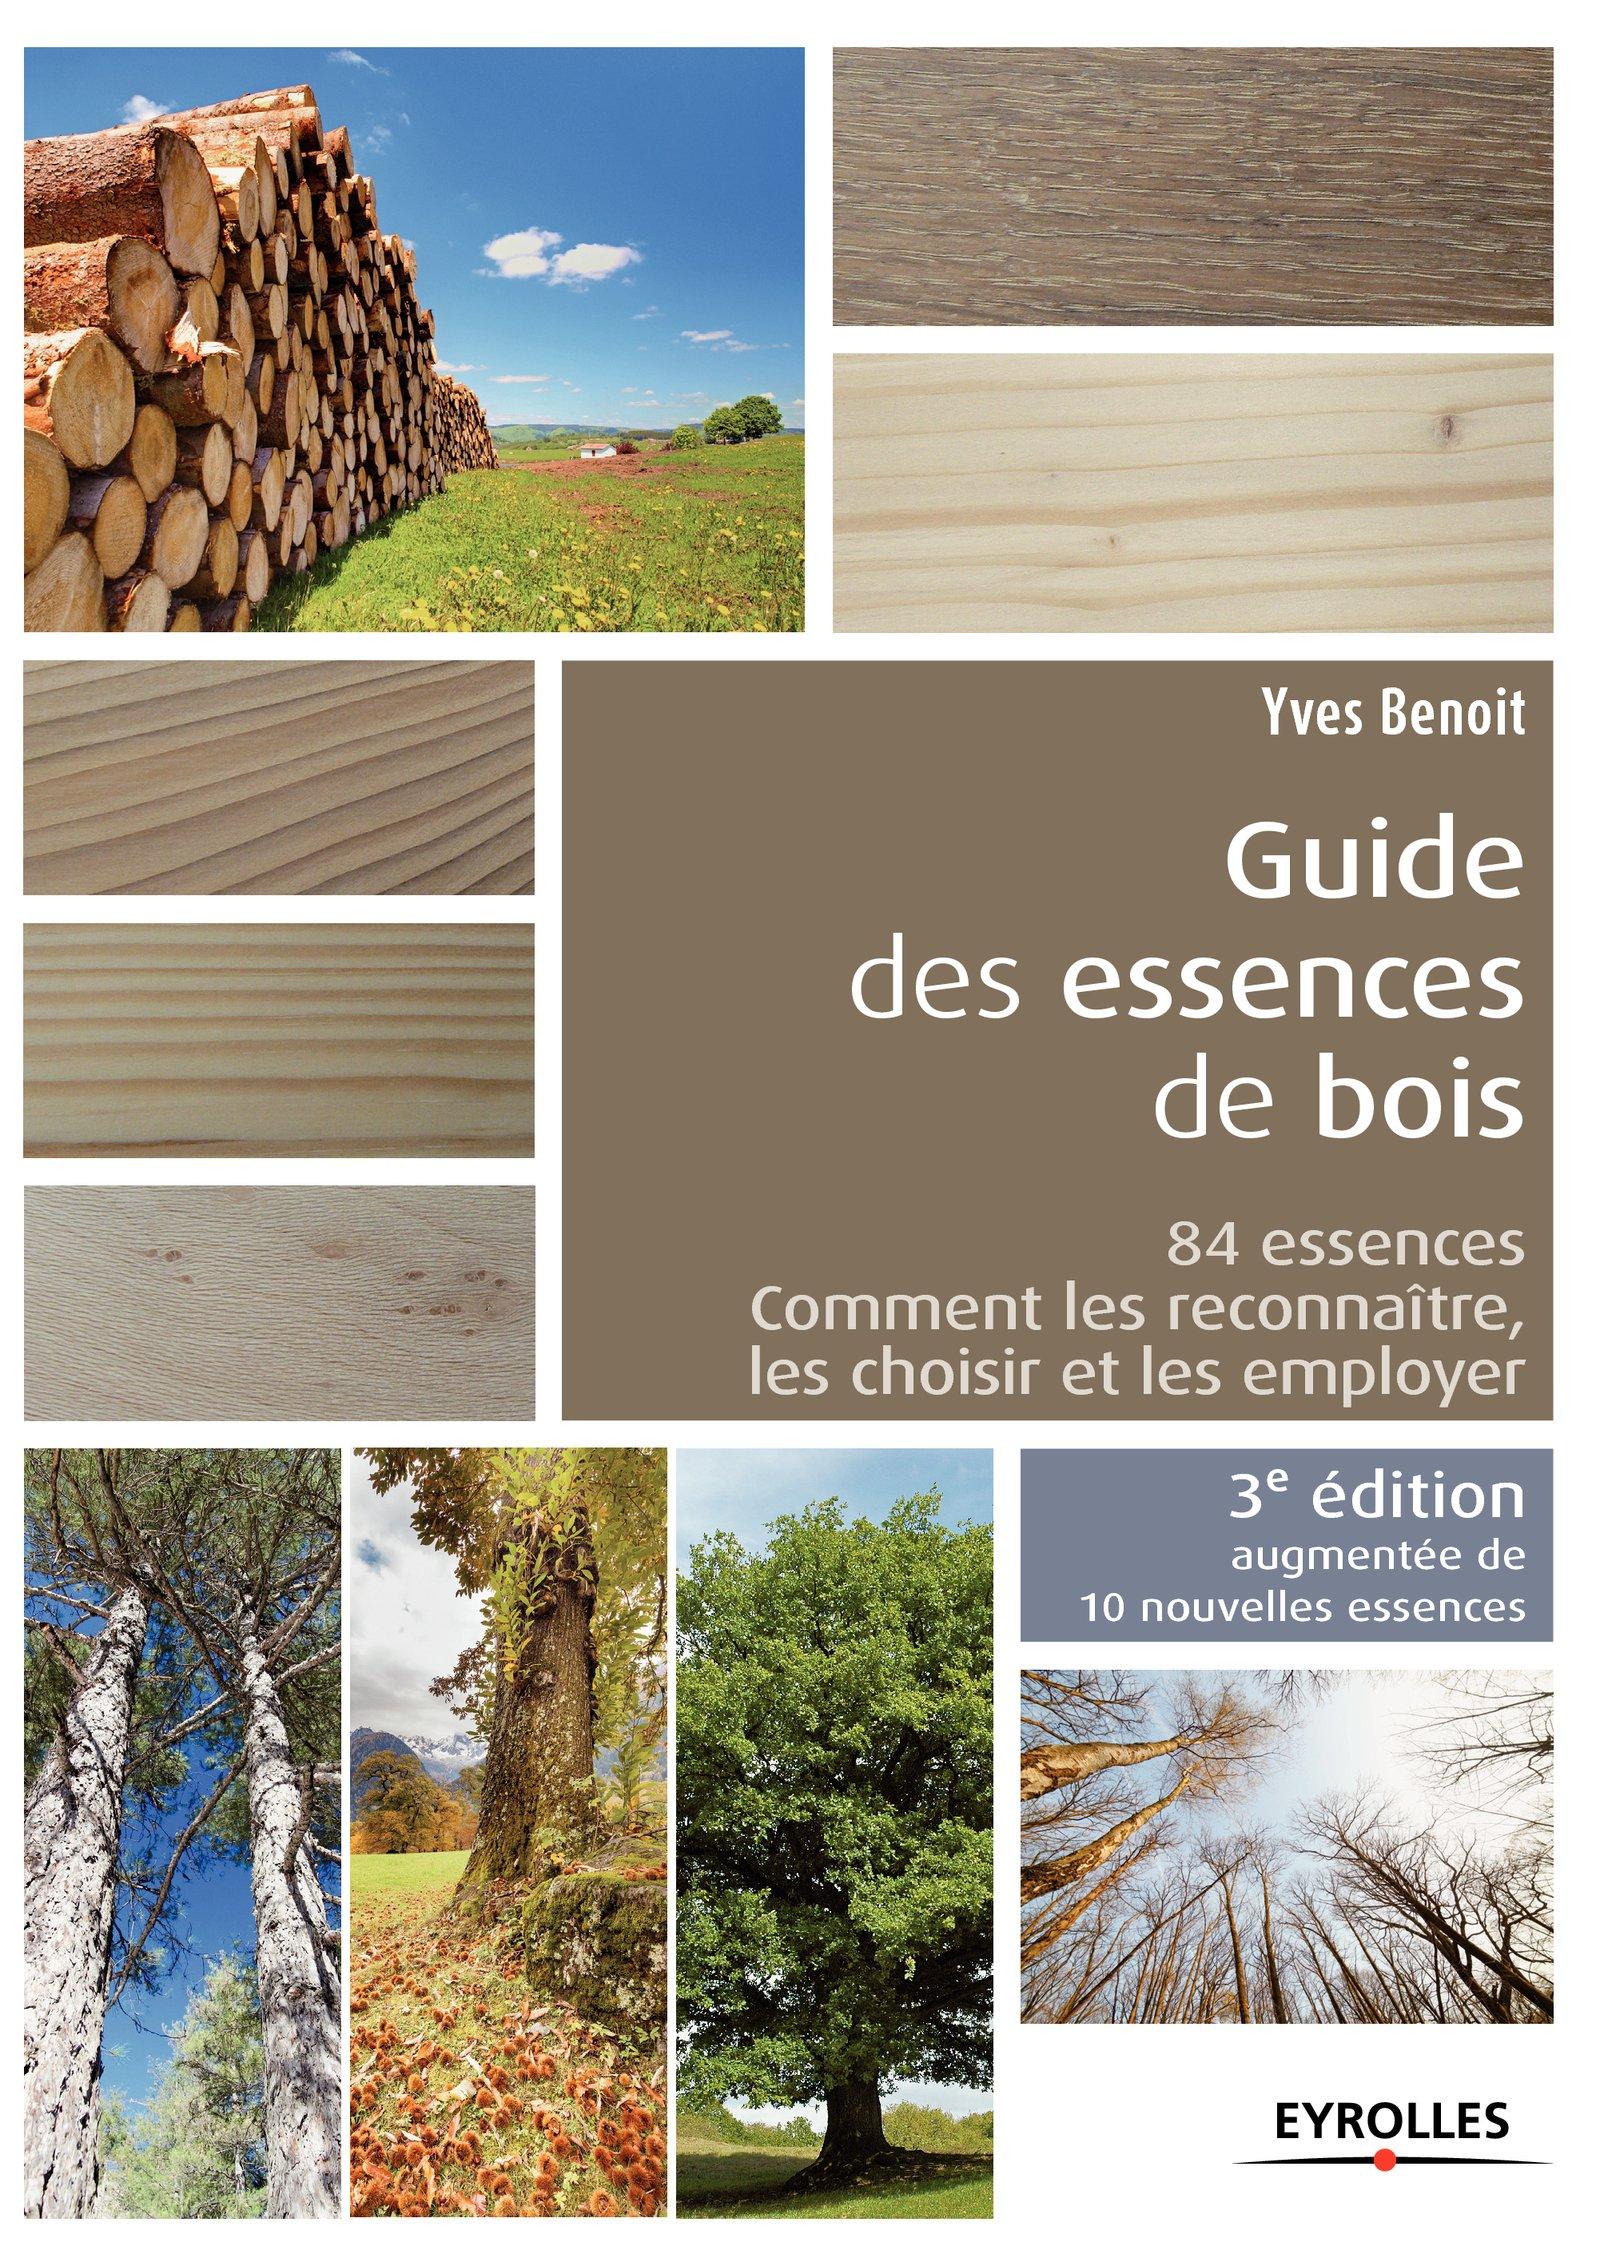 Le guide des essences de bois - 10 nouvelles essences: 84 essences, comment les reconnaître, les choisir et les employer